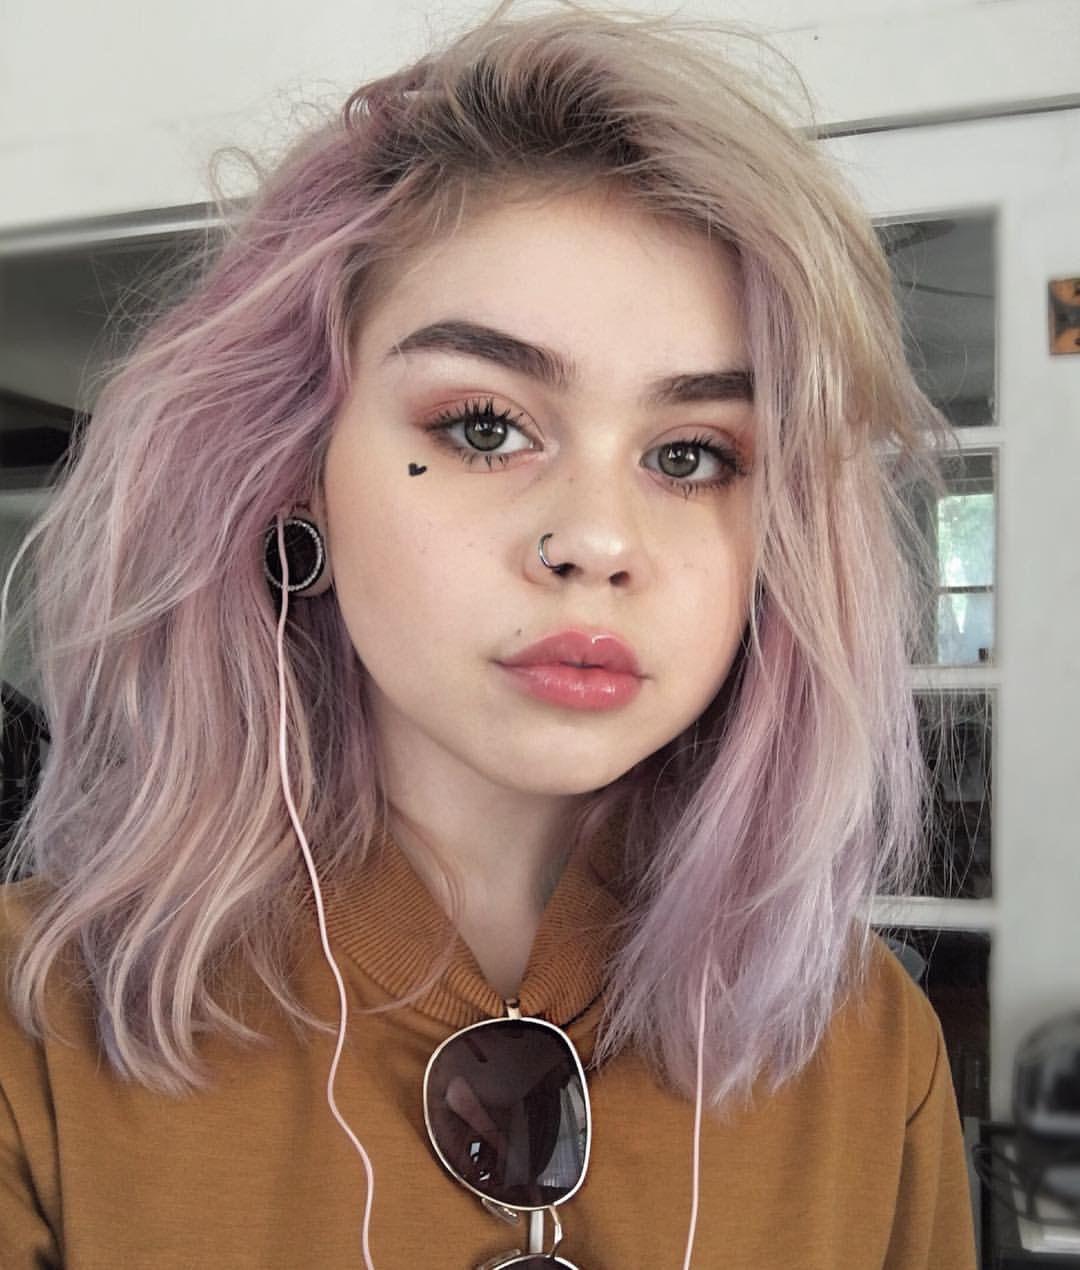 Sugoimeg On Instagram Scene Hair Guys Emo Alternative Girls Boys Pastel Pink Hair Scene Hair Aesthetic Hair